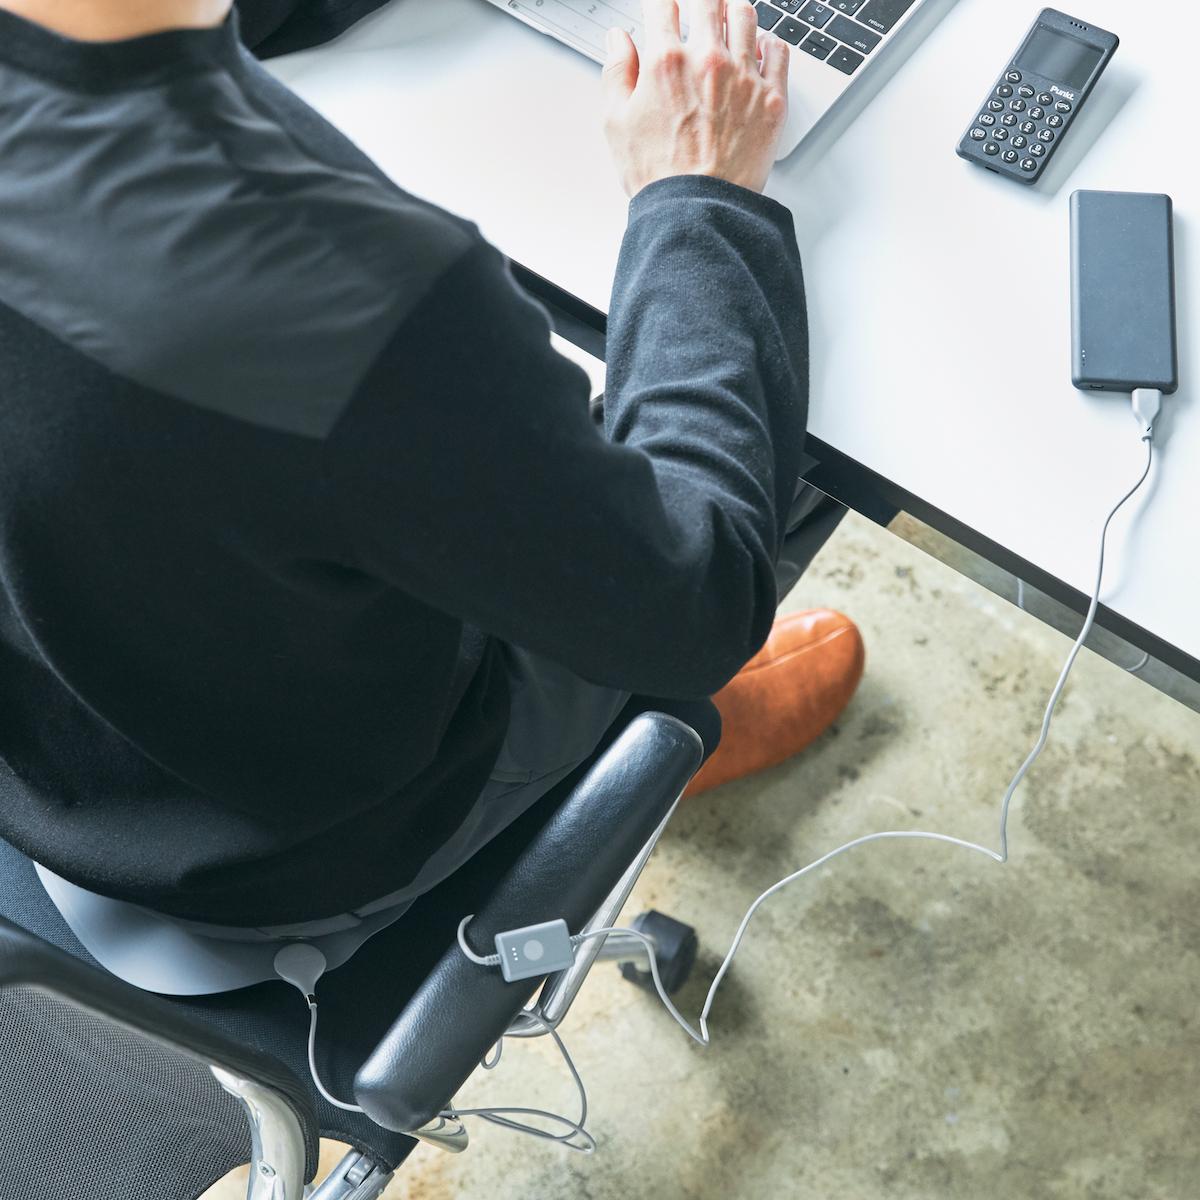 オフィス・旅行・アウトドアに!じんわり温感、ぽかぽかで気持ちよい。インクで安全発熱するシート型ヒーター「USB式温熱マット」|INKO(インコ)